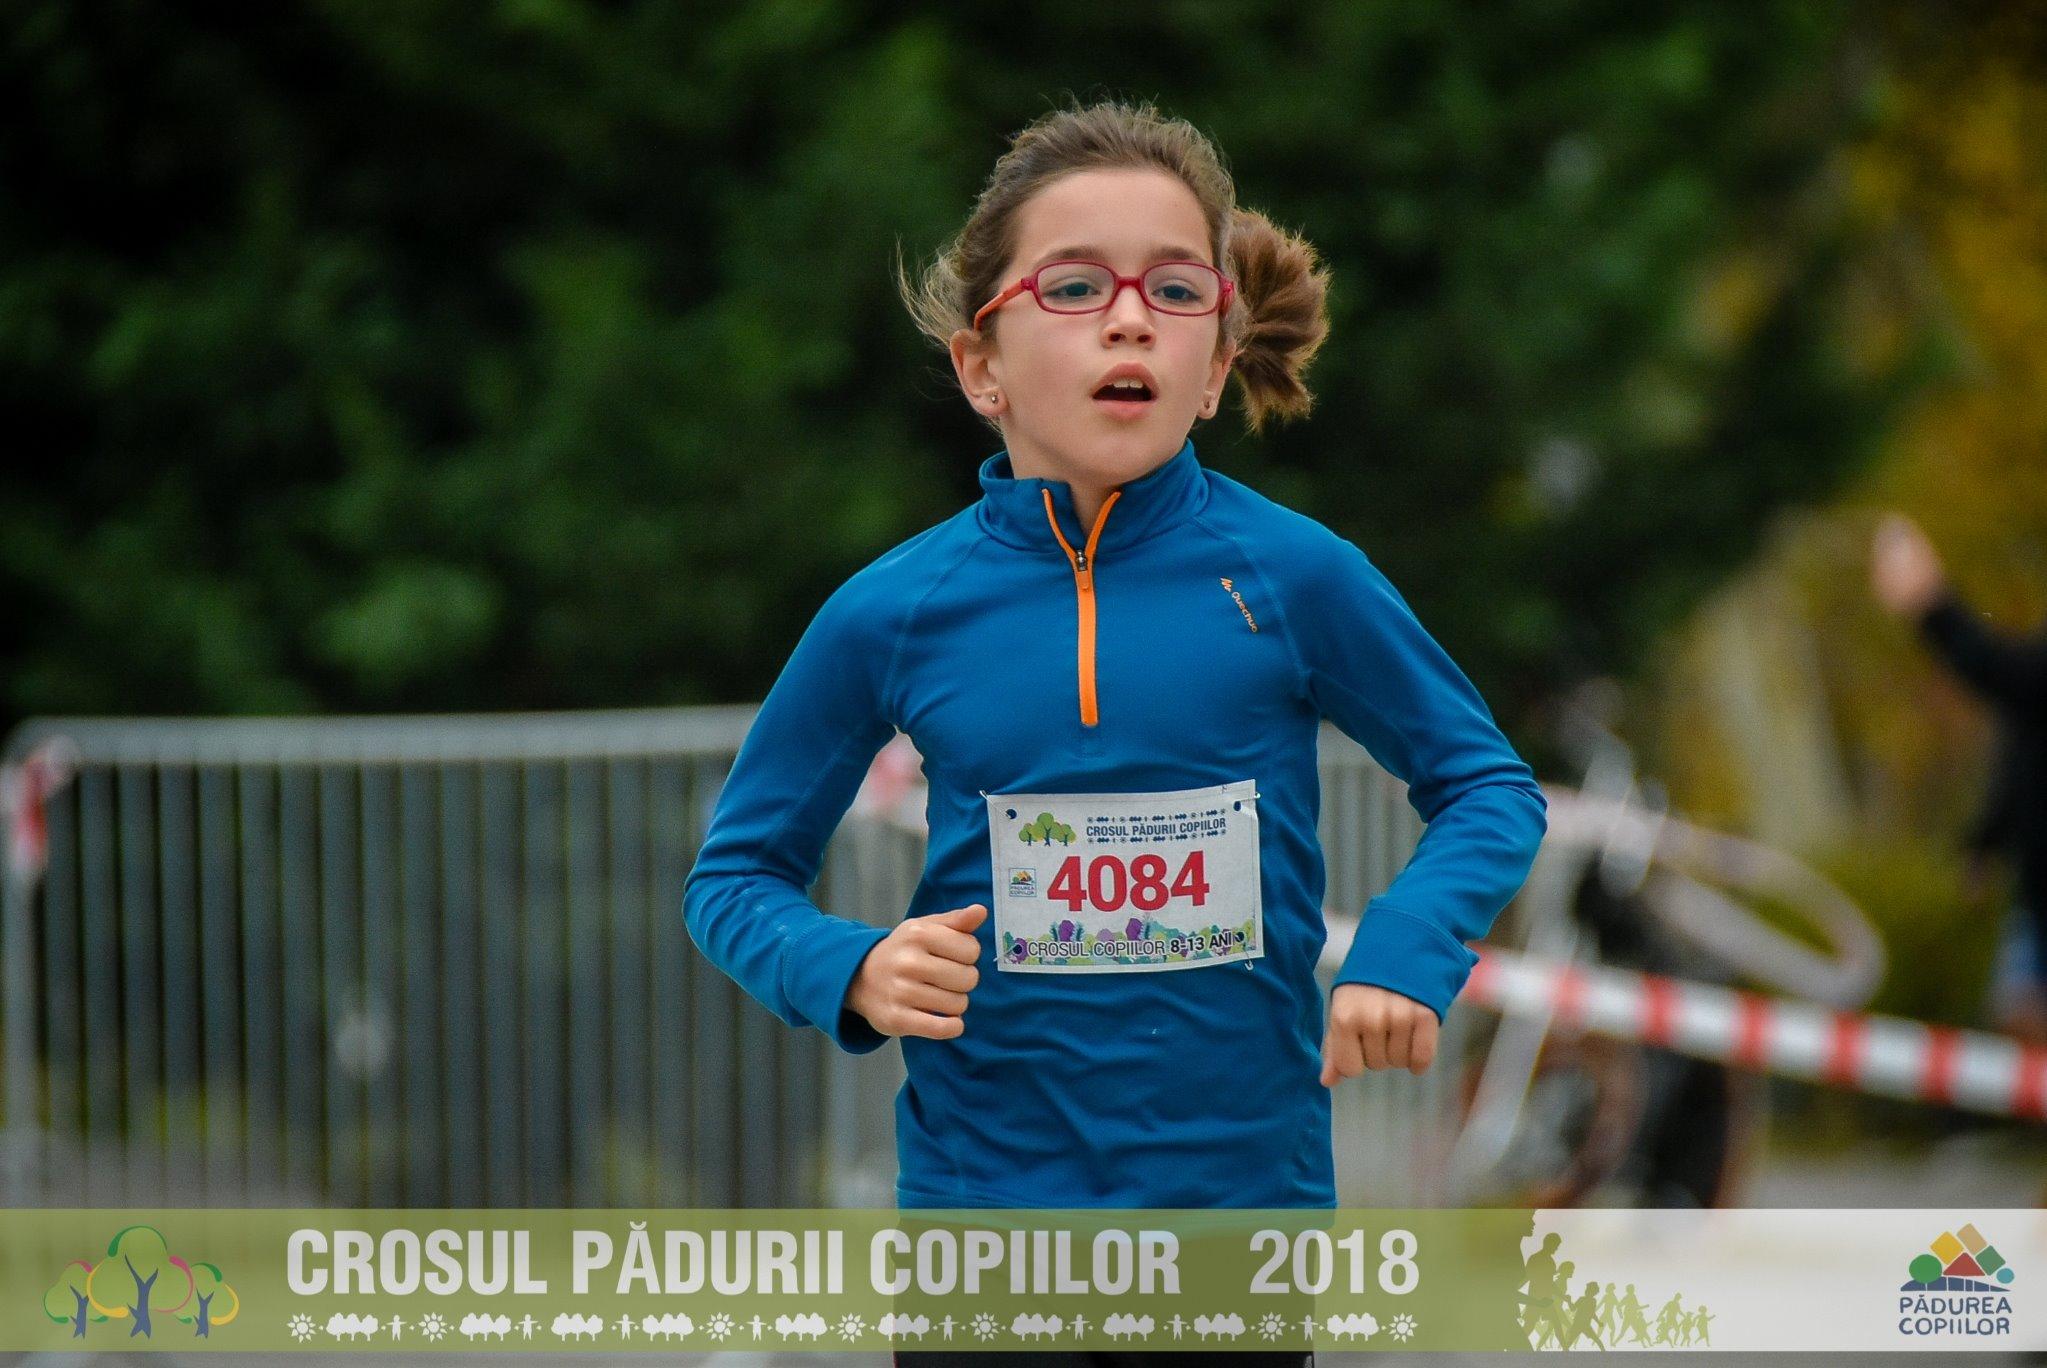 Natalia Nedelcu - Crosul Padurii 2018